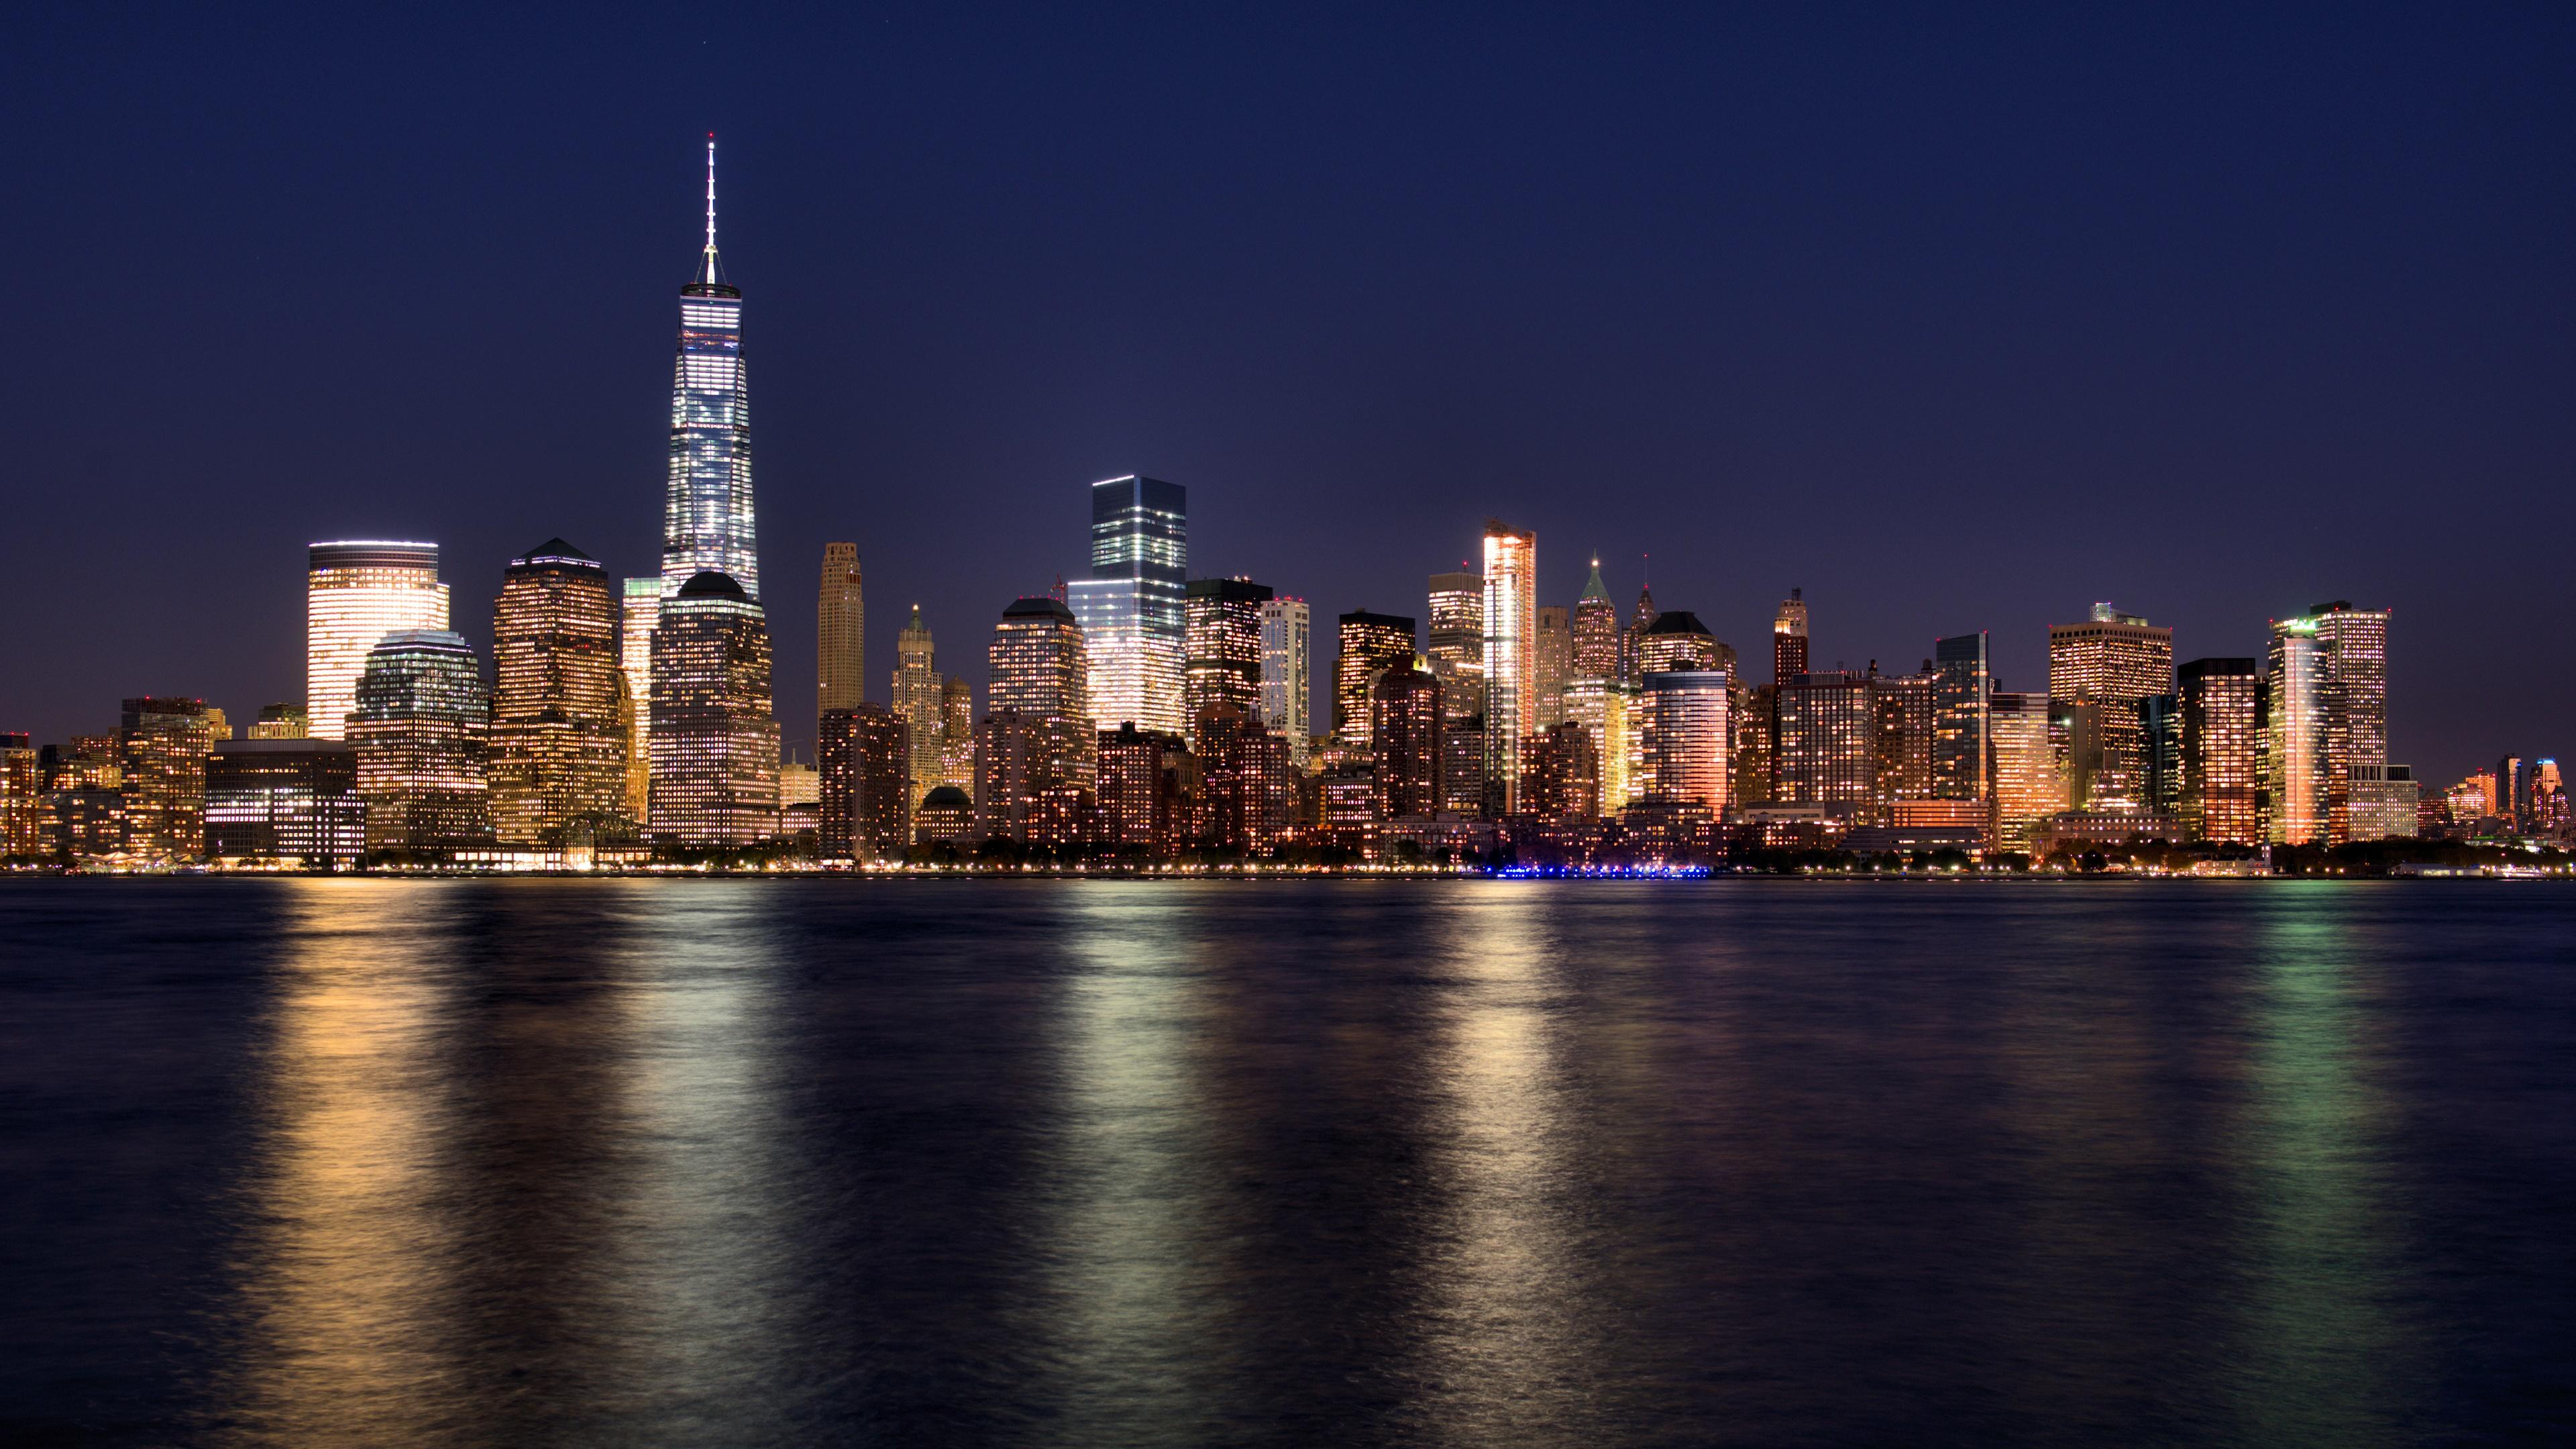 Lower Manhattan's lights at night wallpaper